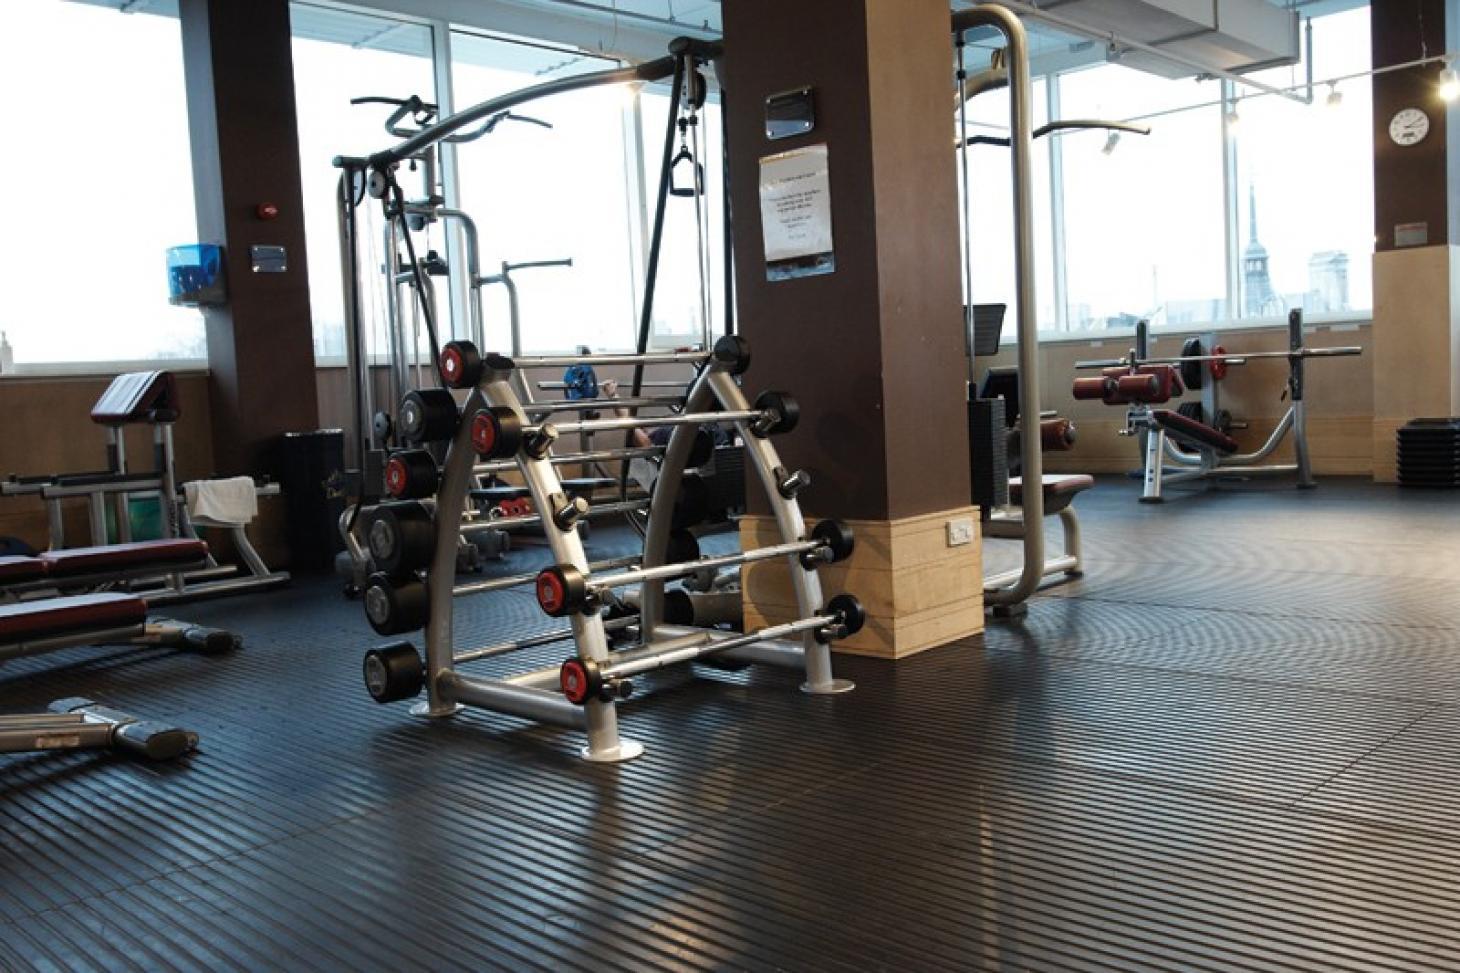 David Lloyd Fulham Gym gym